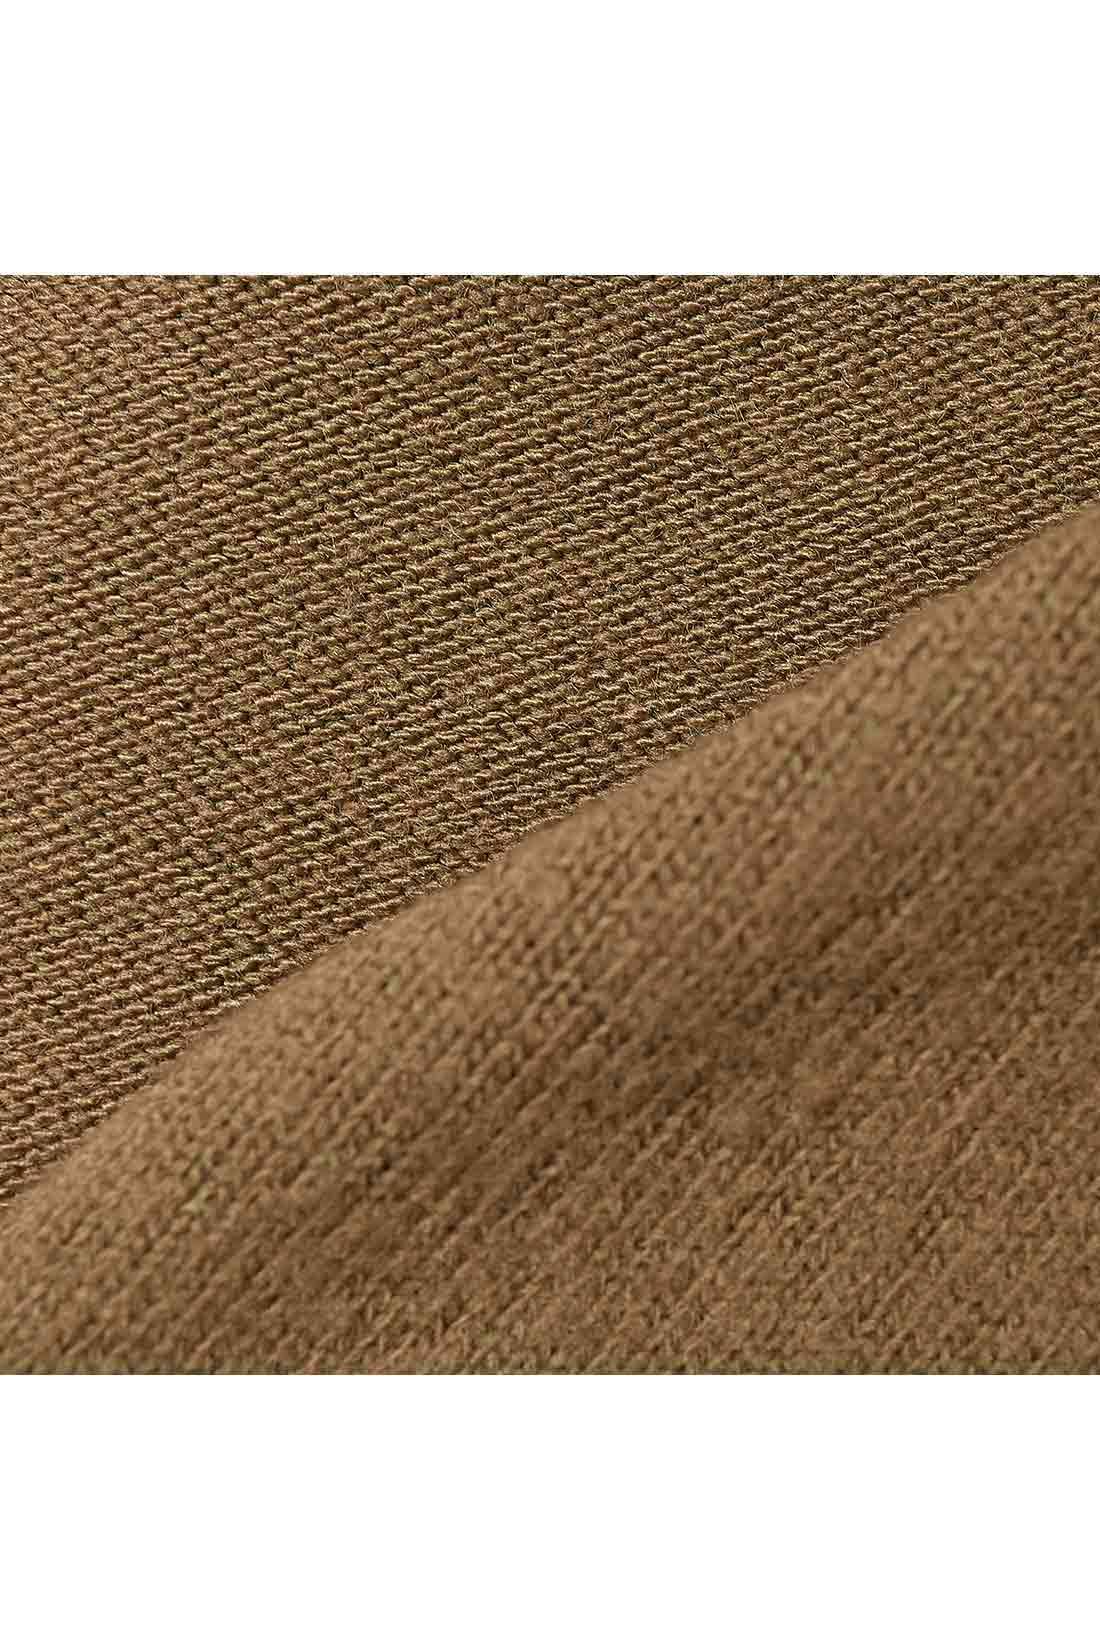 厚みのあるやわらかなカットソーを使用。表は肌当たりのやさしい微起毛で、からだに当たる裏面は起毛はなくとてもやわらか。とろみのある美しい落ち感も自慢。